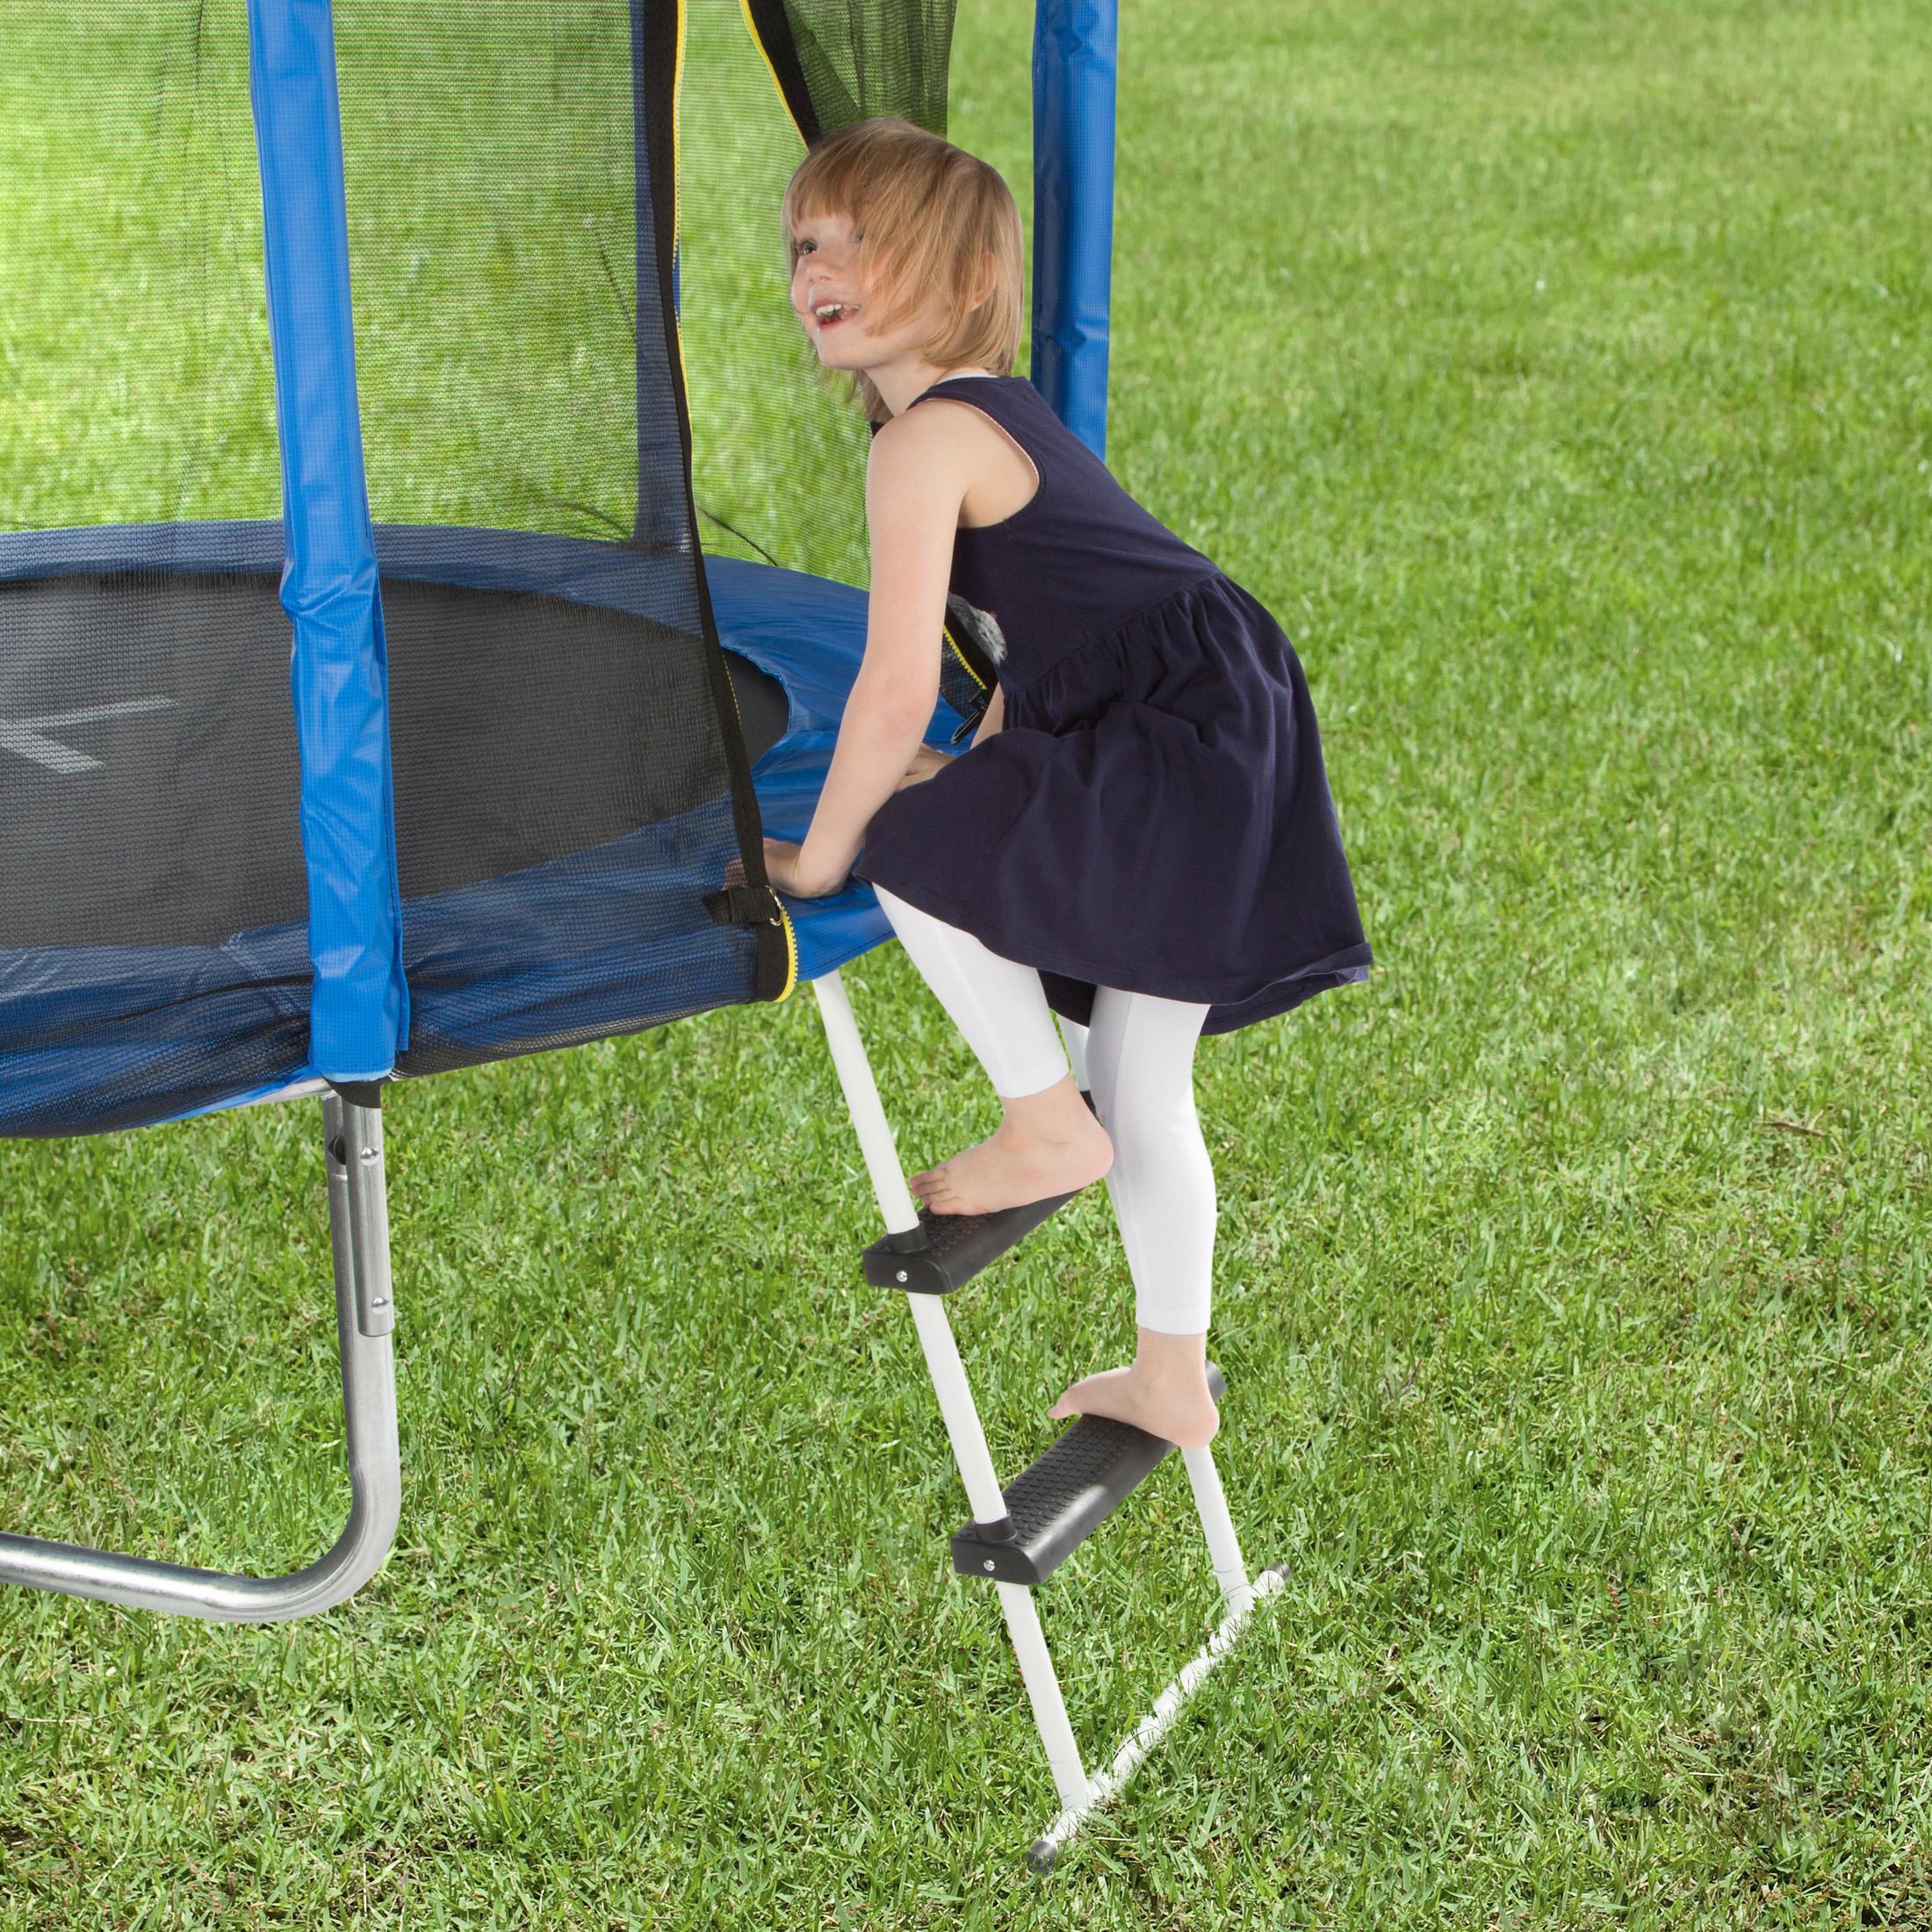 ultrasport trampolin leiter mit boden querstrebe f r alle g ngigen trampoline wei schwarz 75. Black Bedroom Furniture Sets. Home Design Ideas